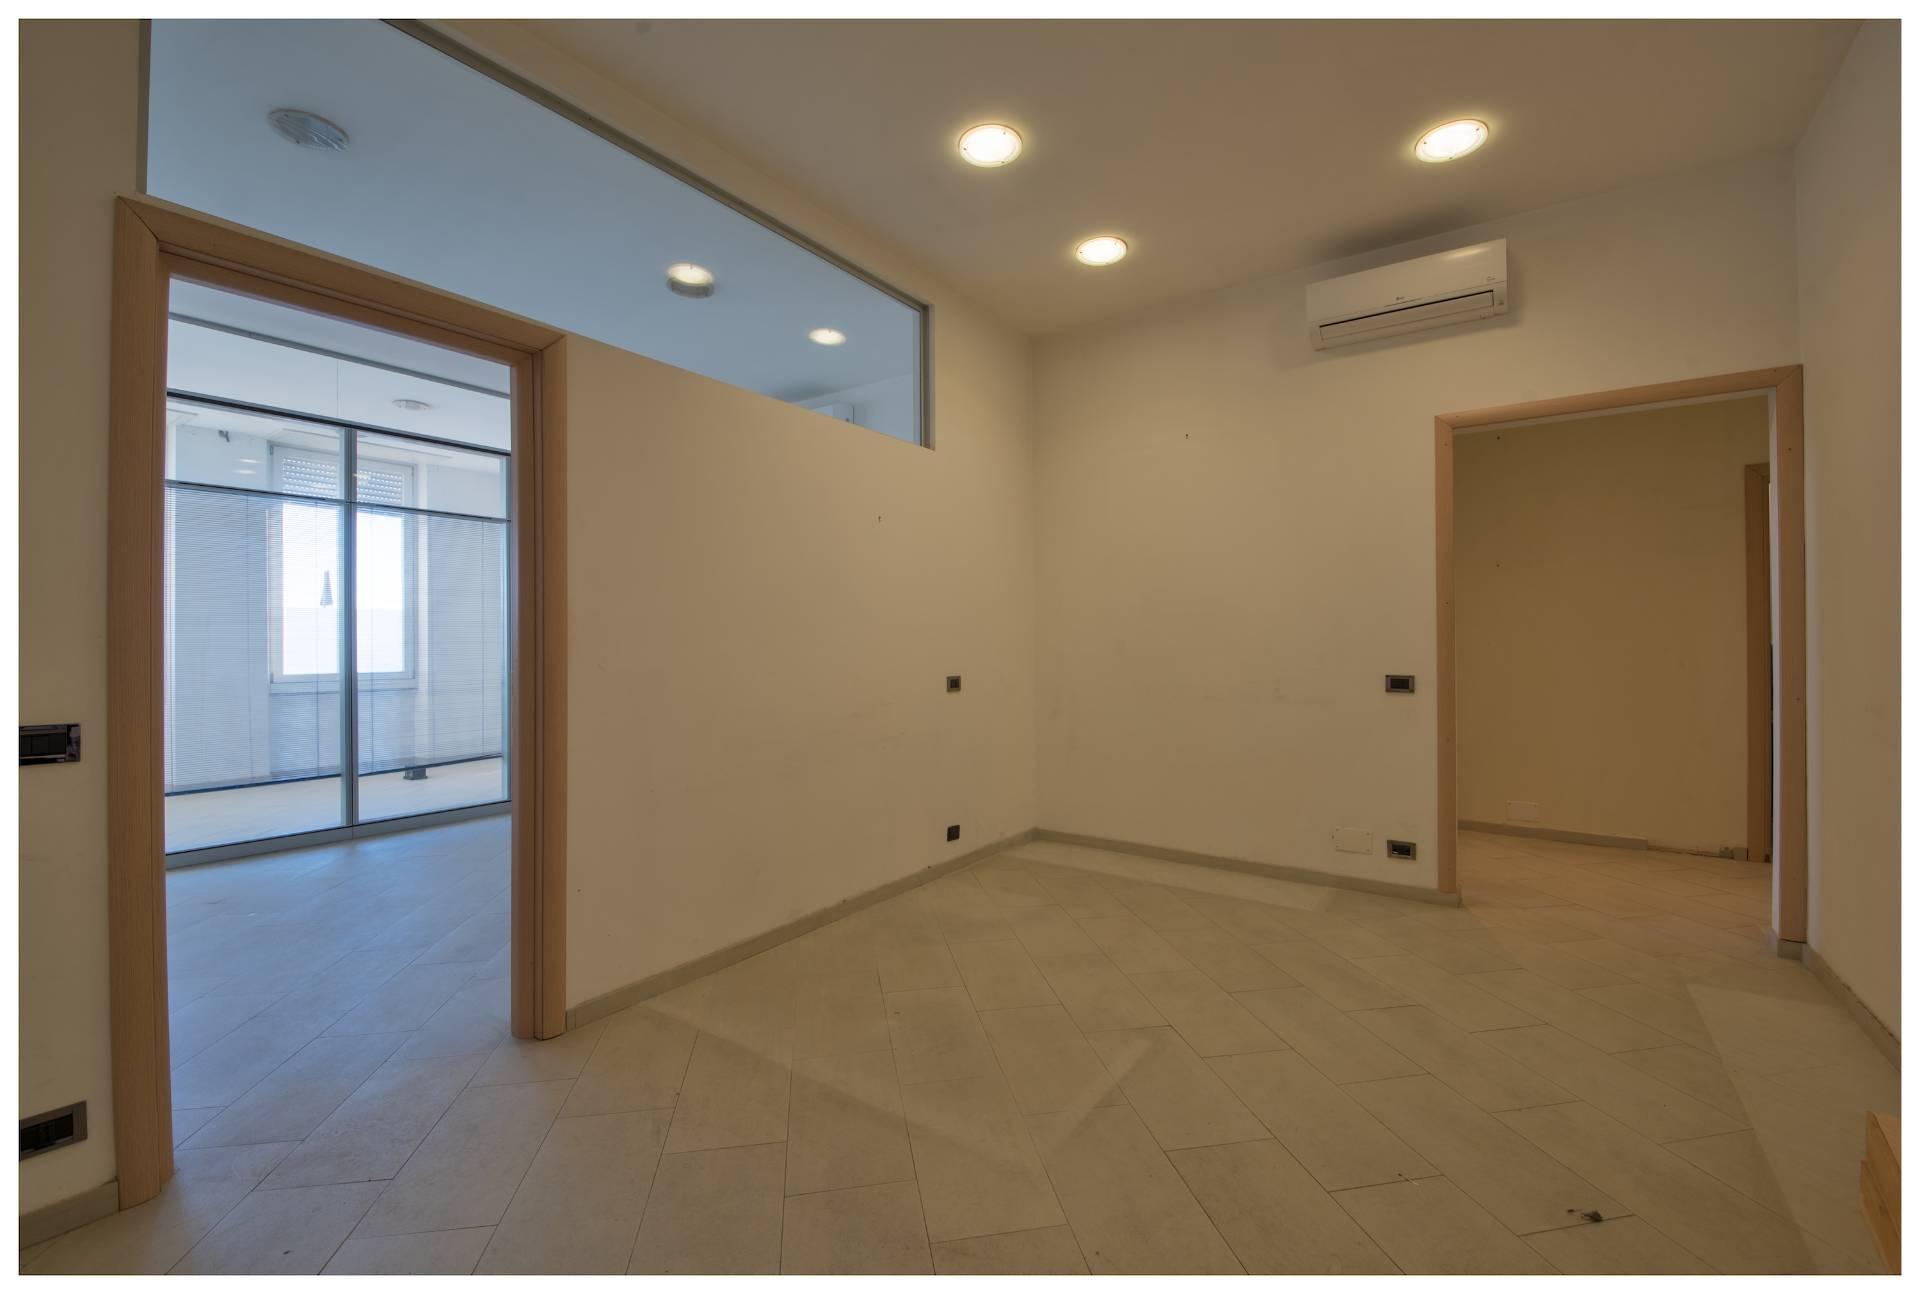 Ufficio / Studio in affitto a Varazze, 9999 locali, zona Località: Varazze, prezzo € 1.300 | PortaleAgenzieImmobiliari.it